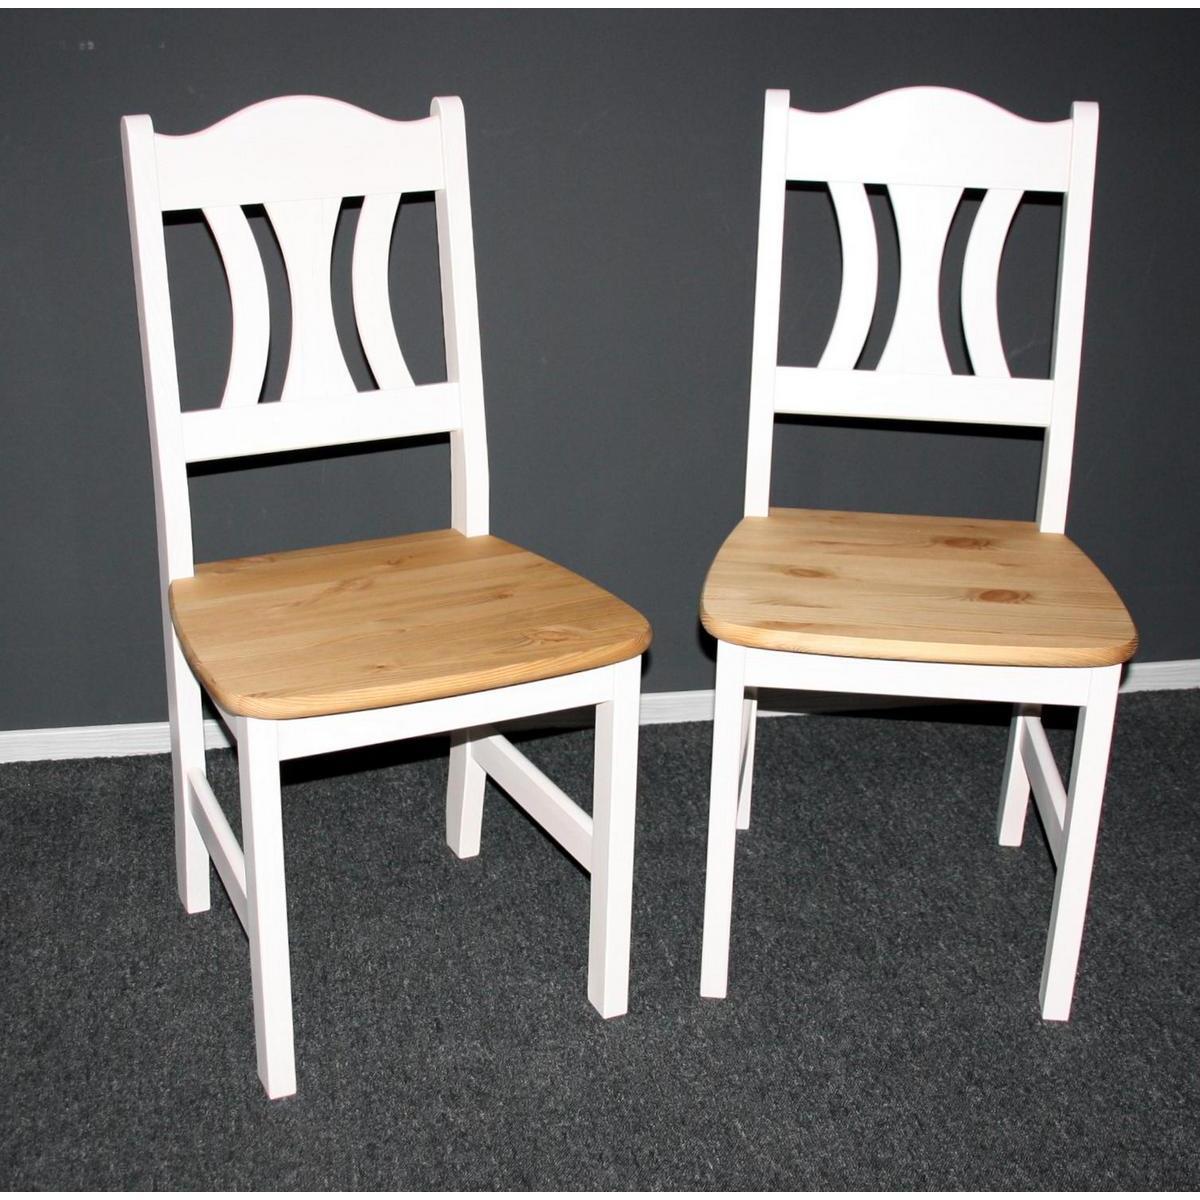 k chenstuhl stuhl set kiefer massiv 2 farbig wei gebeizt ge lt kristel. Black Bedroom Furniture Sets. Home Design Ideas